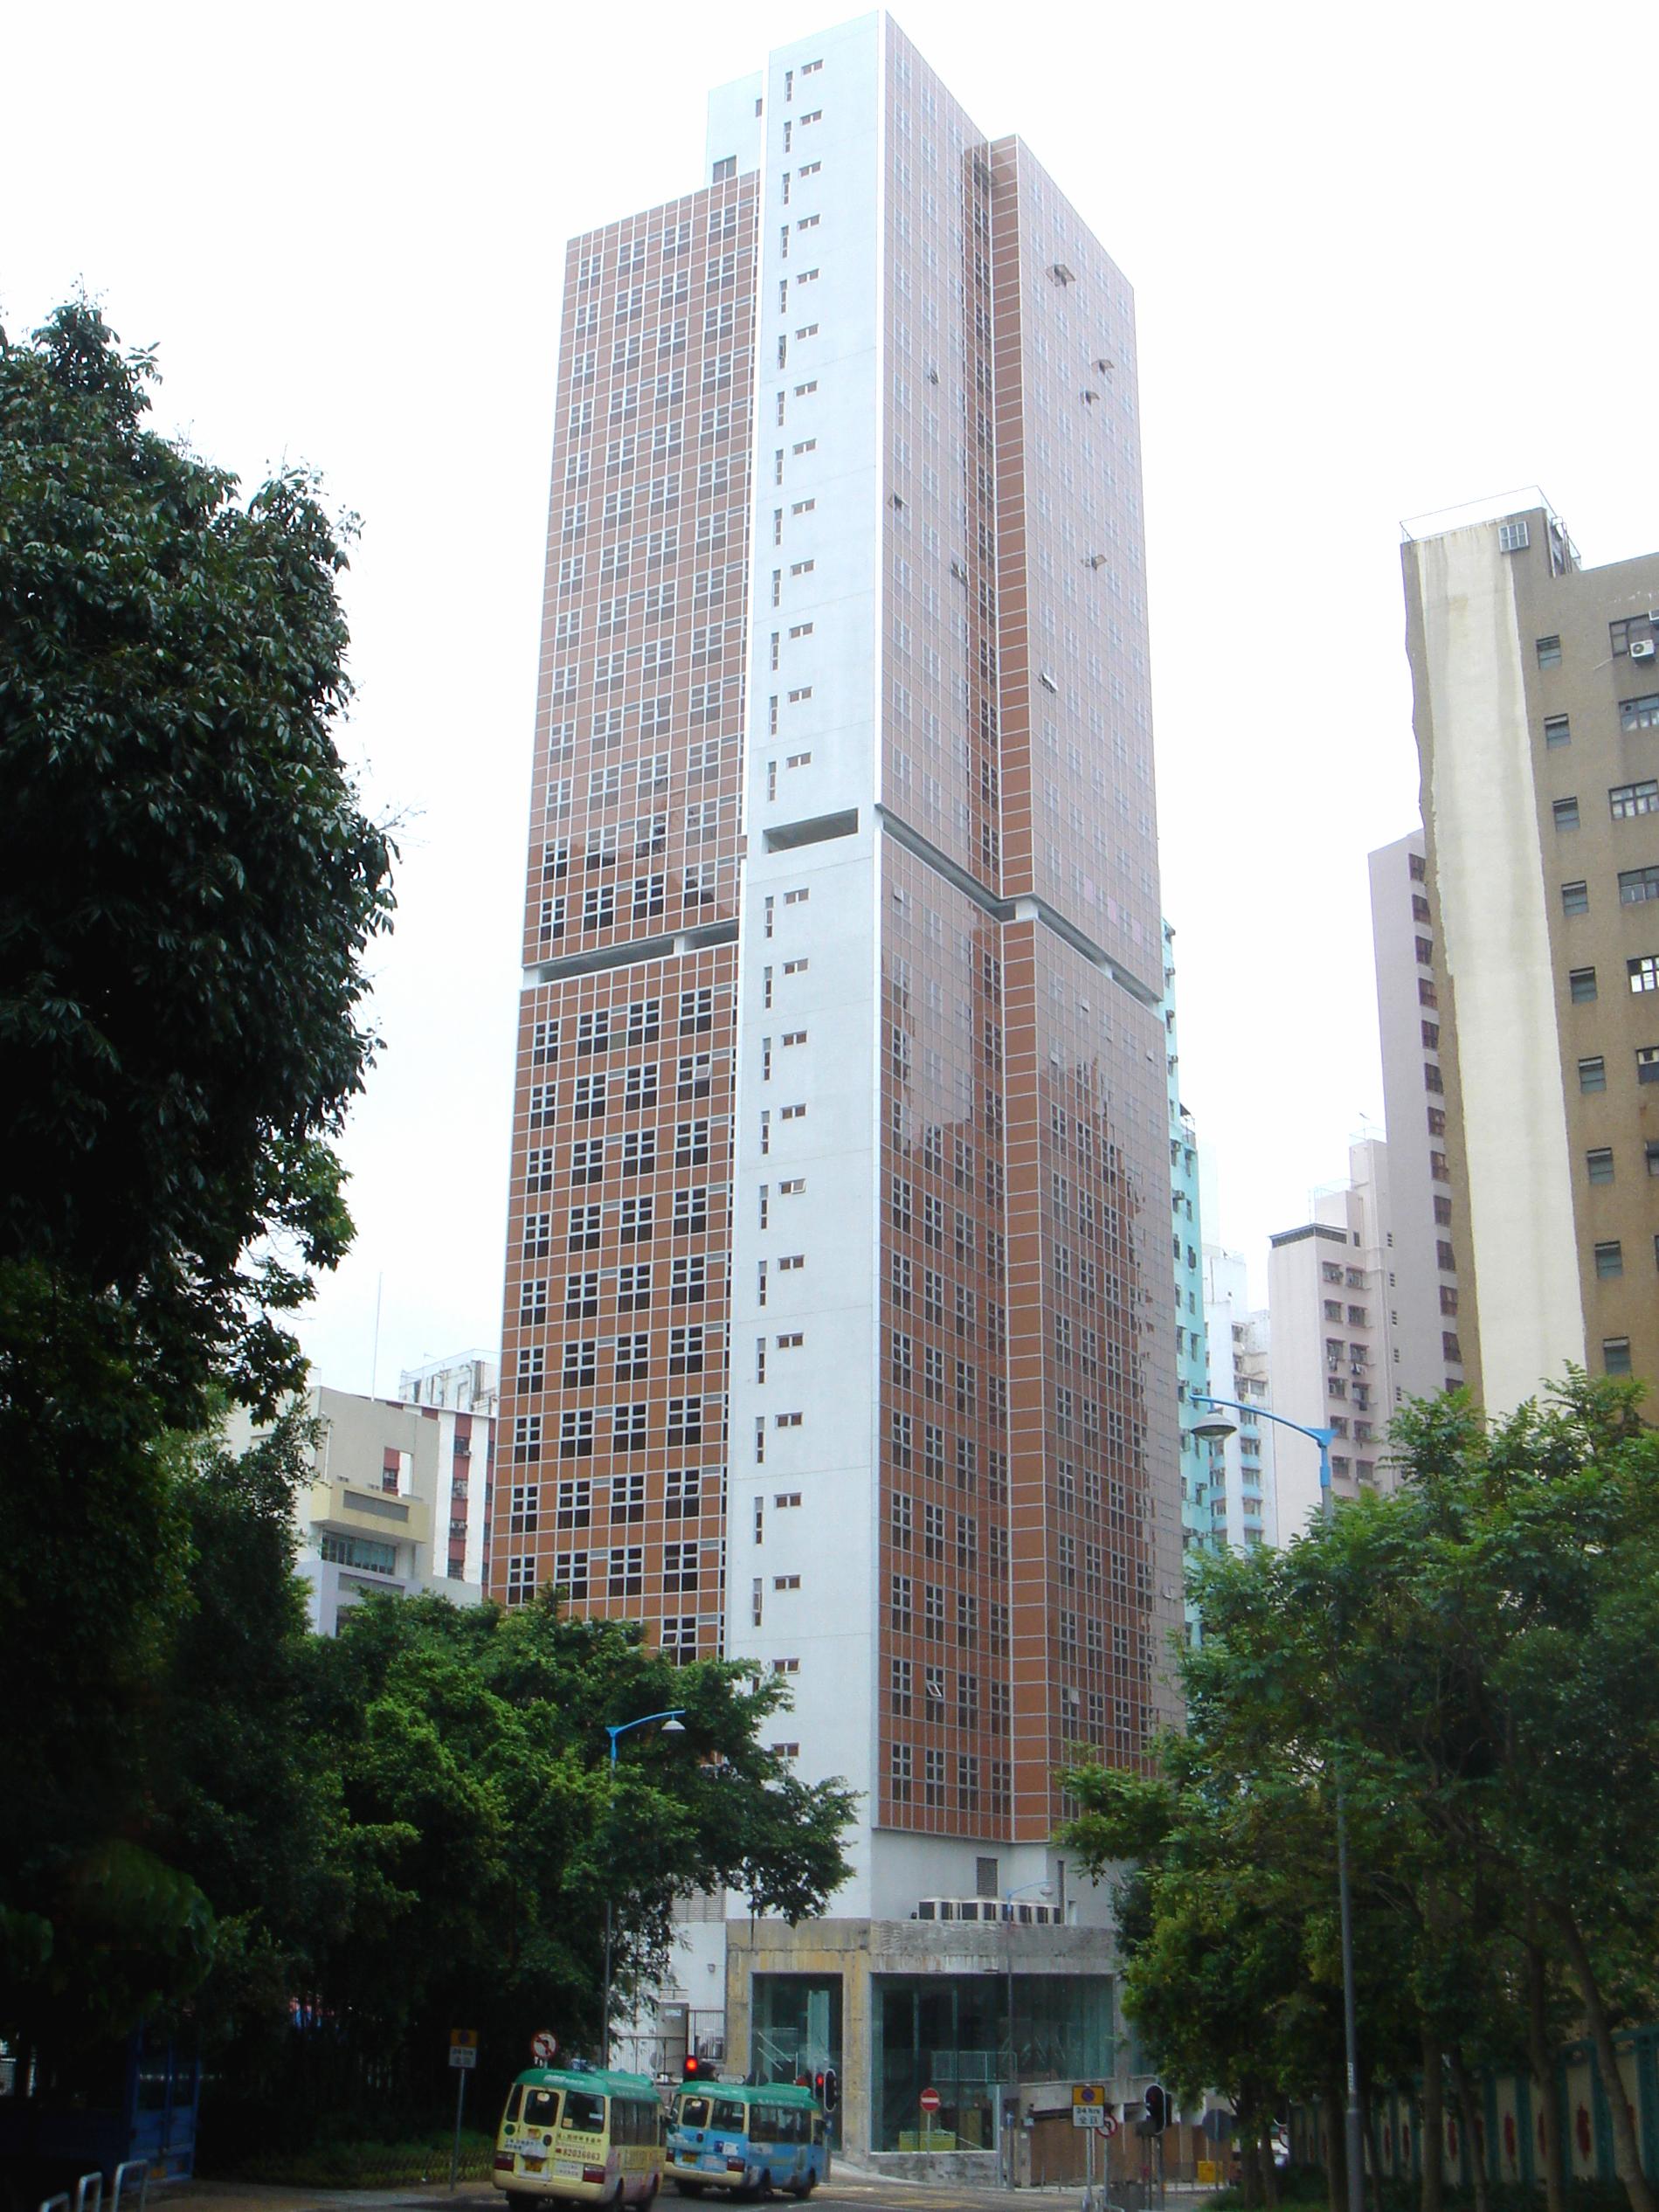 47 SHEK PAI WAN ROAD, ABERDEEN, HONG KONG